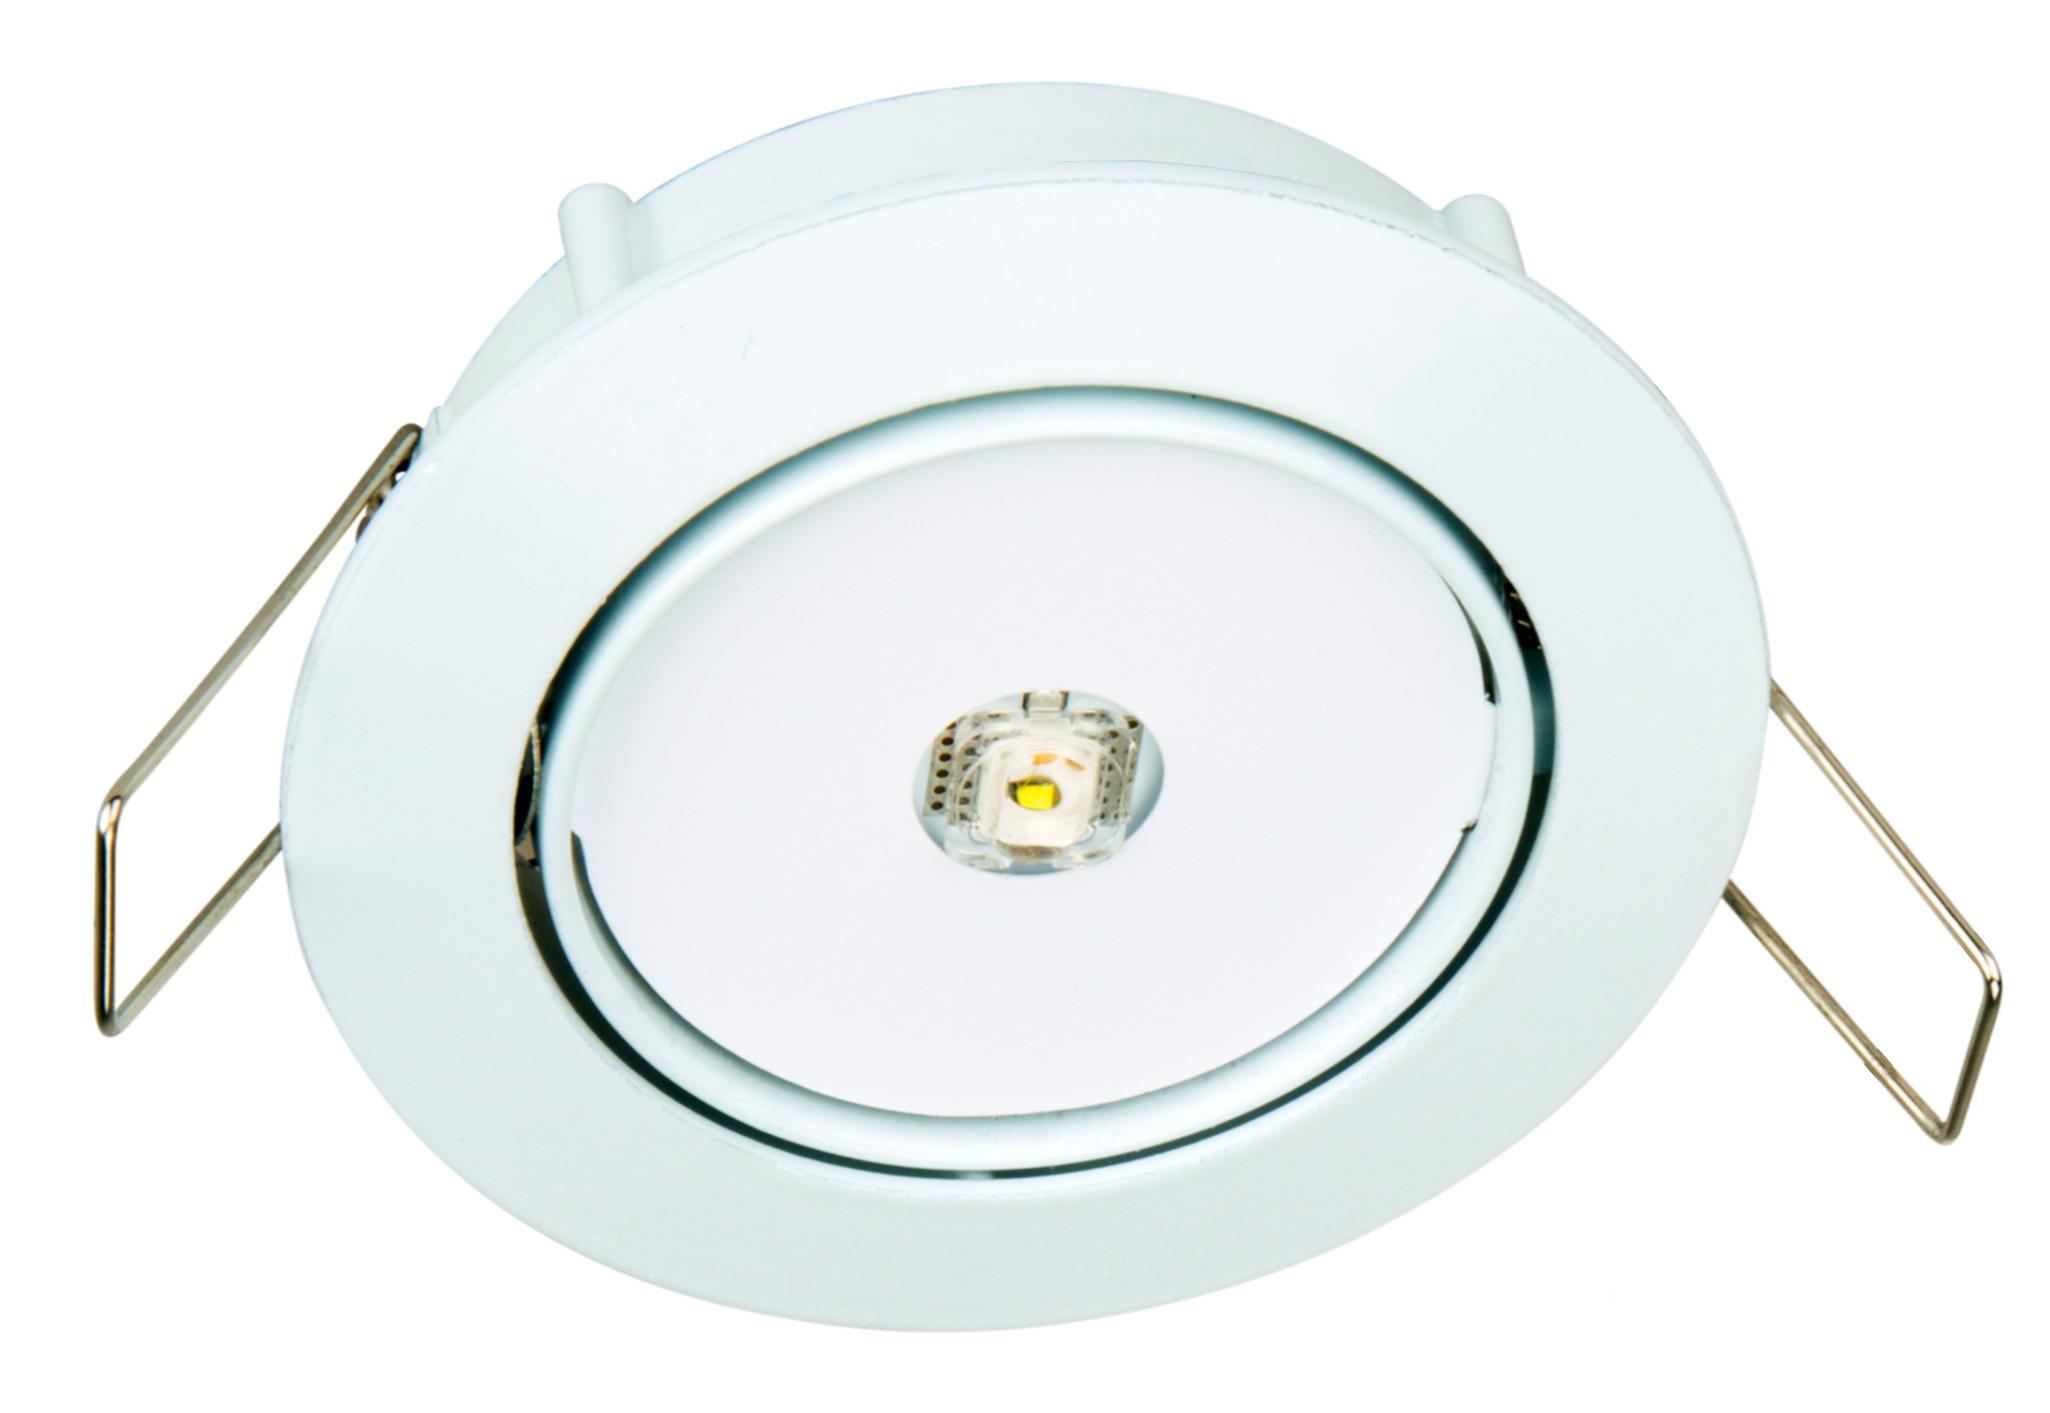 1 Stk Notleuchte DLE Wireless 1W ERT-LED 3h 230VAC, Funk schaltbar NLDLE023WL